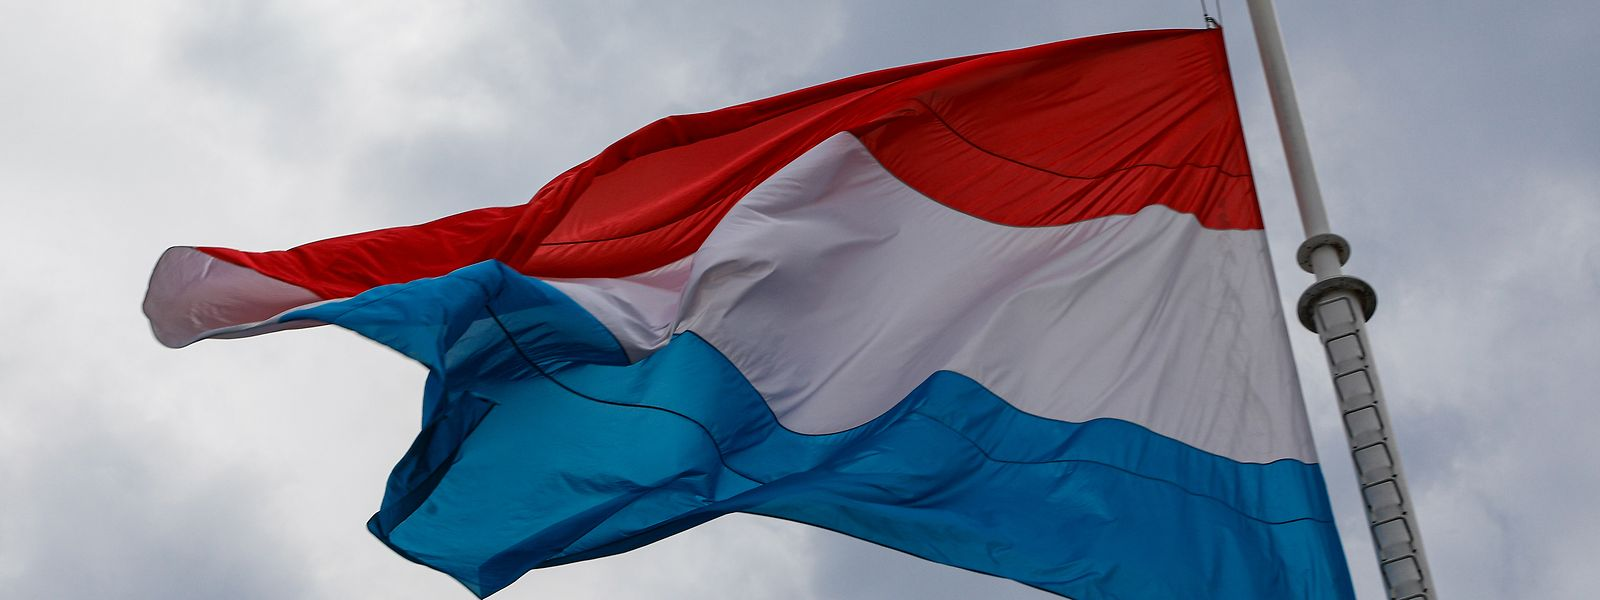 Avec 170 nationalités présentes sur son territoire, le Luxembourg souhaite s'adapter pour favoriser le vivre-ensemble.